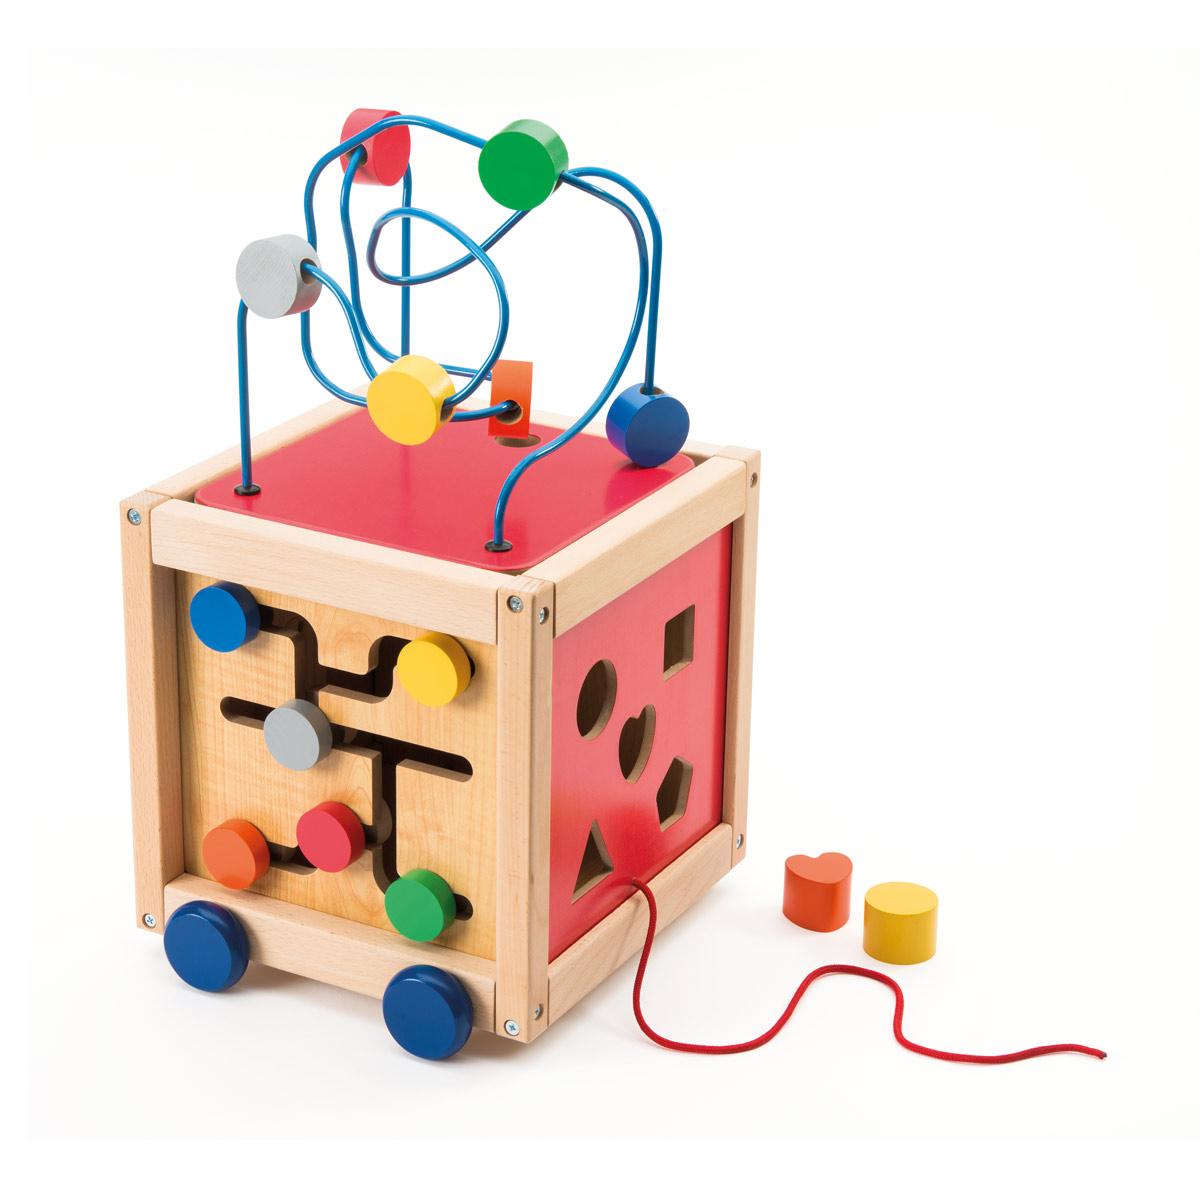 Cube Boulier D'activités À Tirer En Bois dedans Jeux D Eveil Bébé 2 Mois